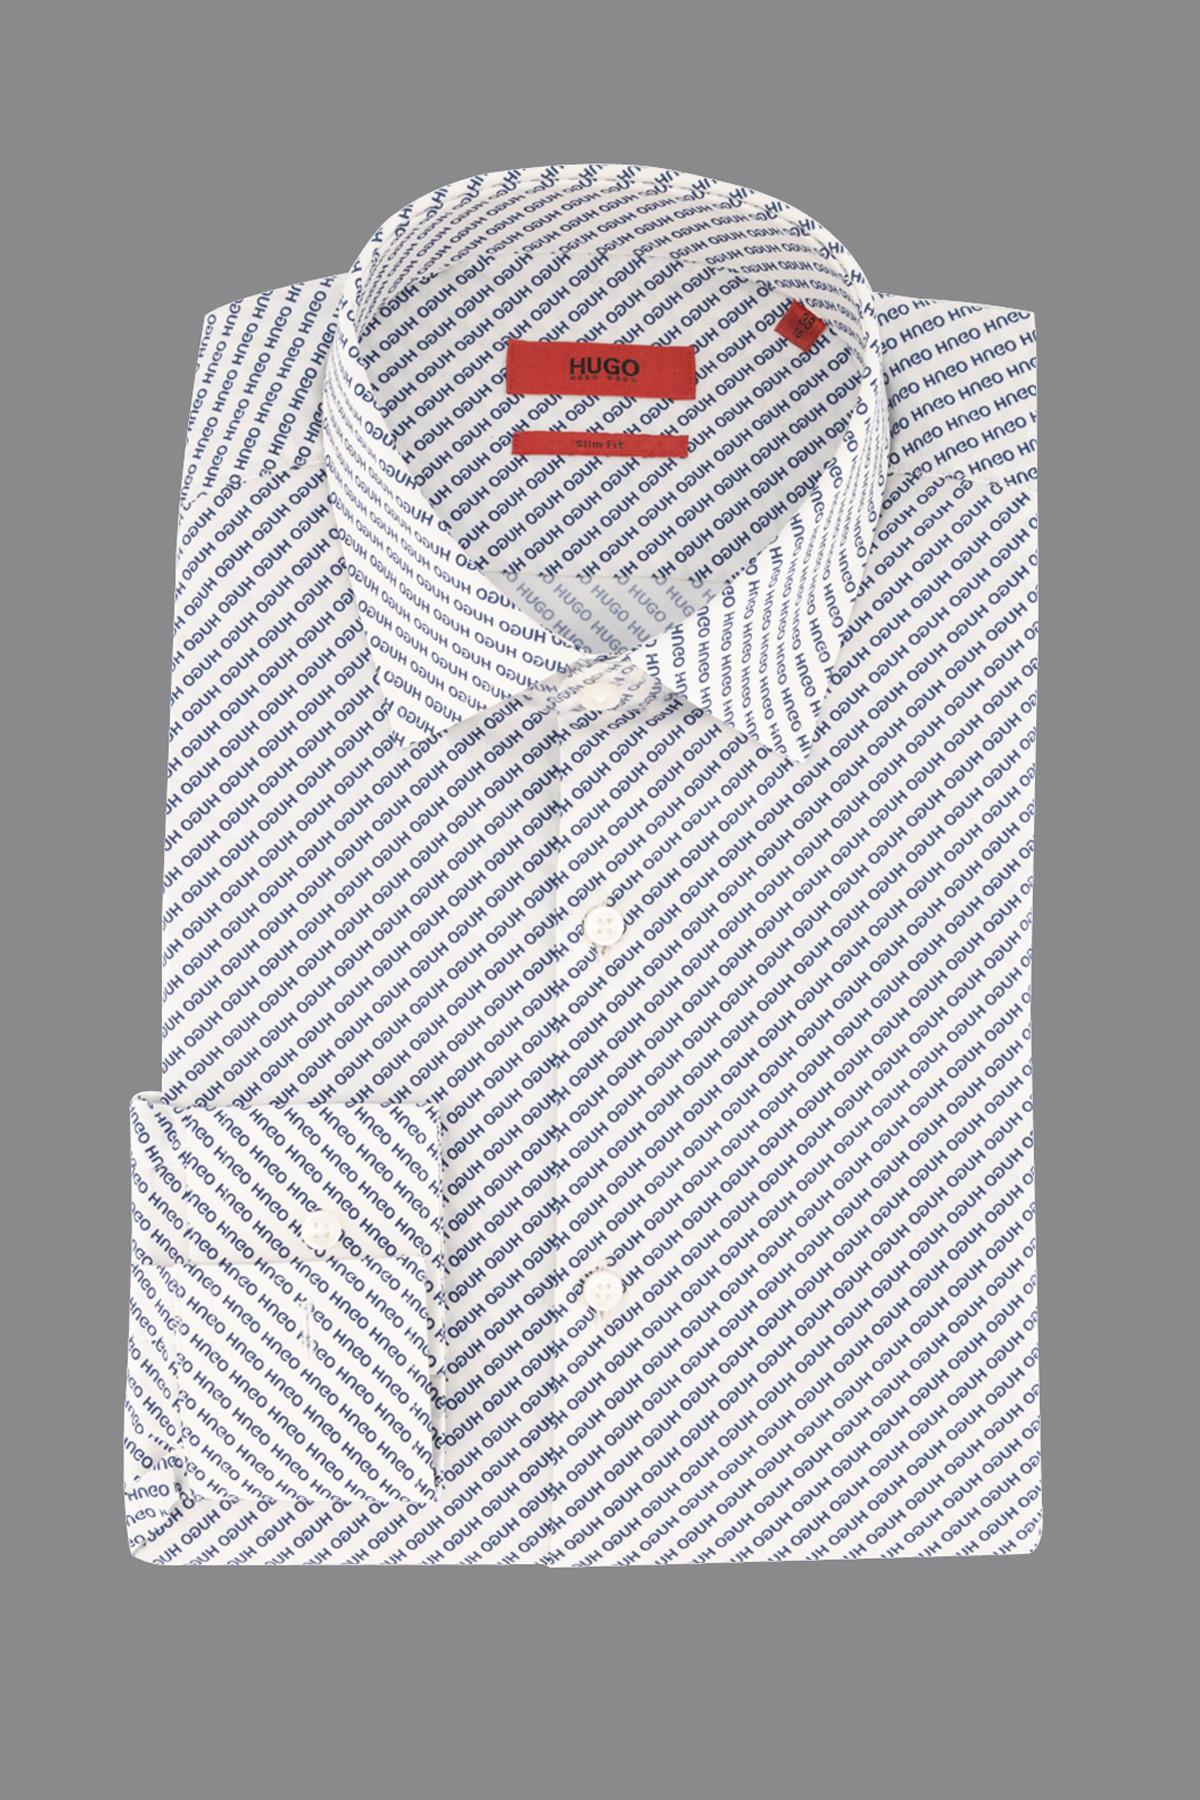 Camisa Hugo rayas